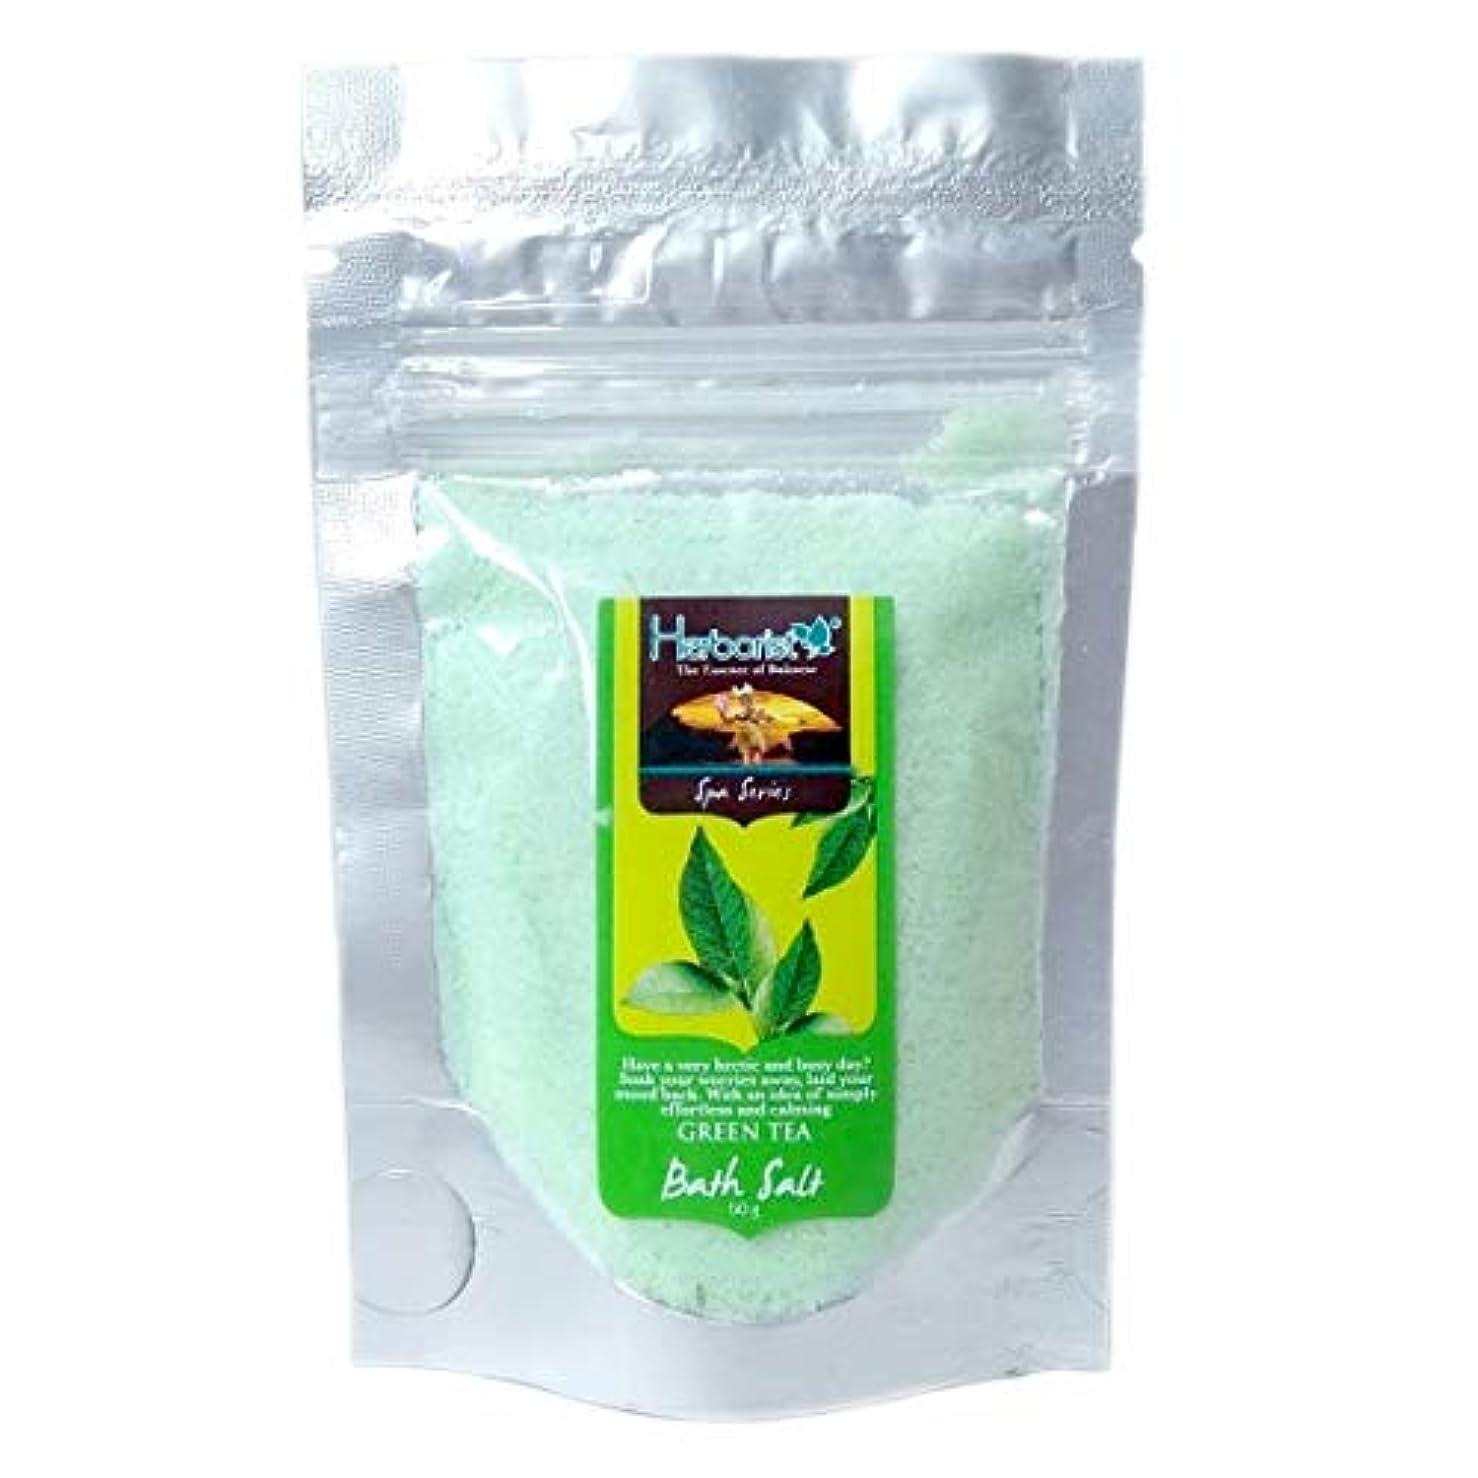 艦隊変動する魅了するHerborist ハーボリスト Bath Salt バスソルト バリ島の香り漂う入浴剤 50g Green Tea グリーンティー [海外直送品]